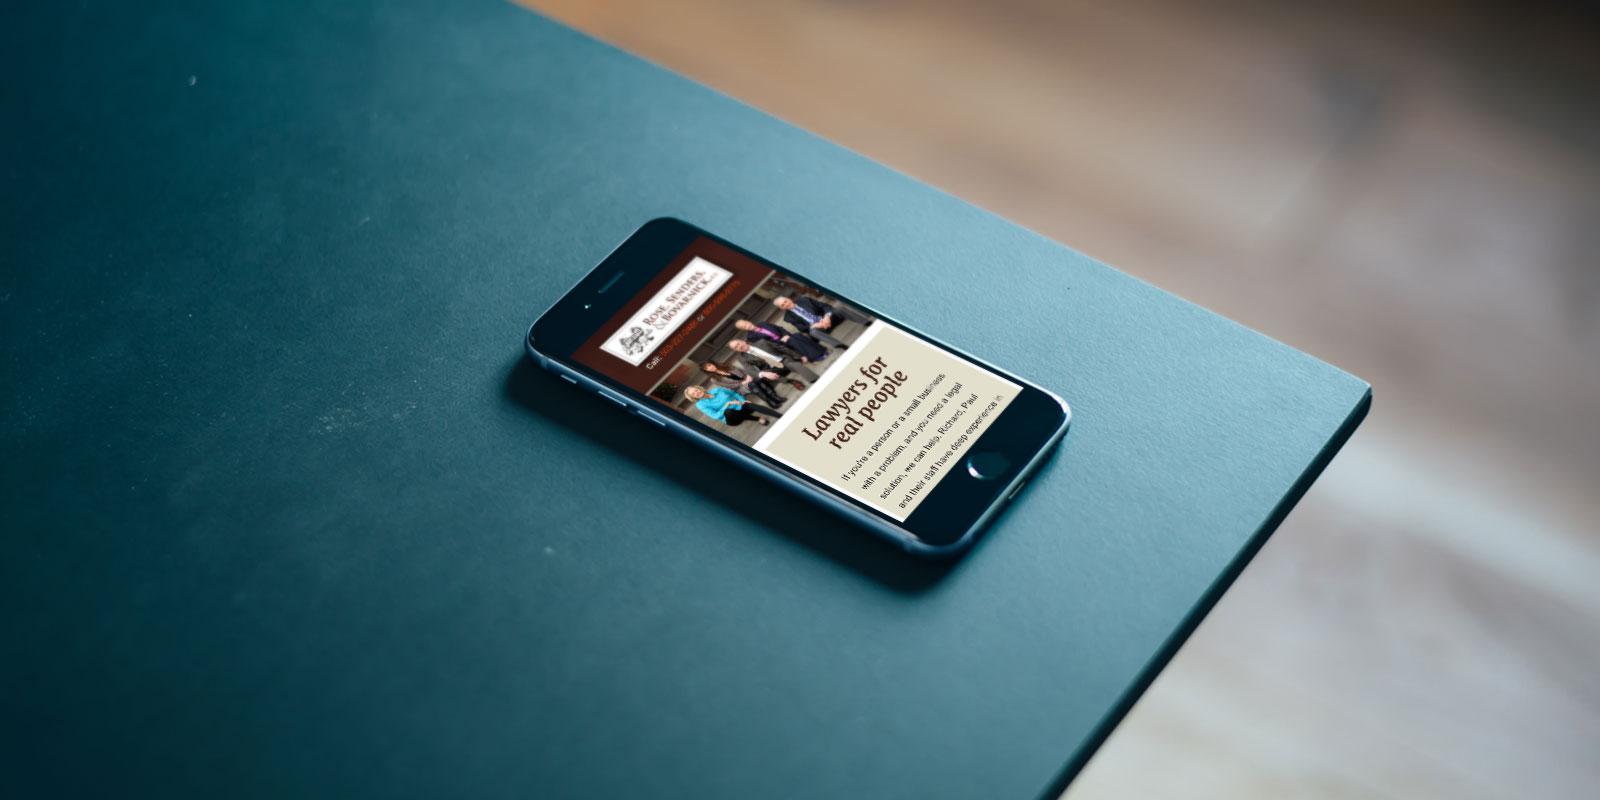 Rose, Sender, and Bovarnick website on a phone